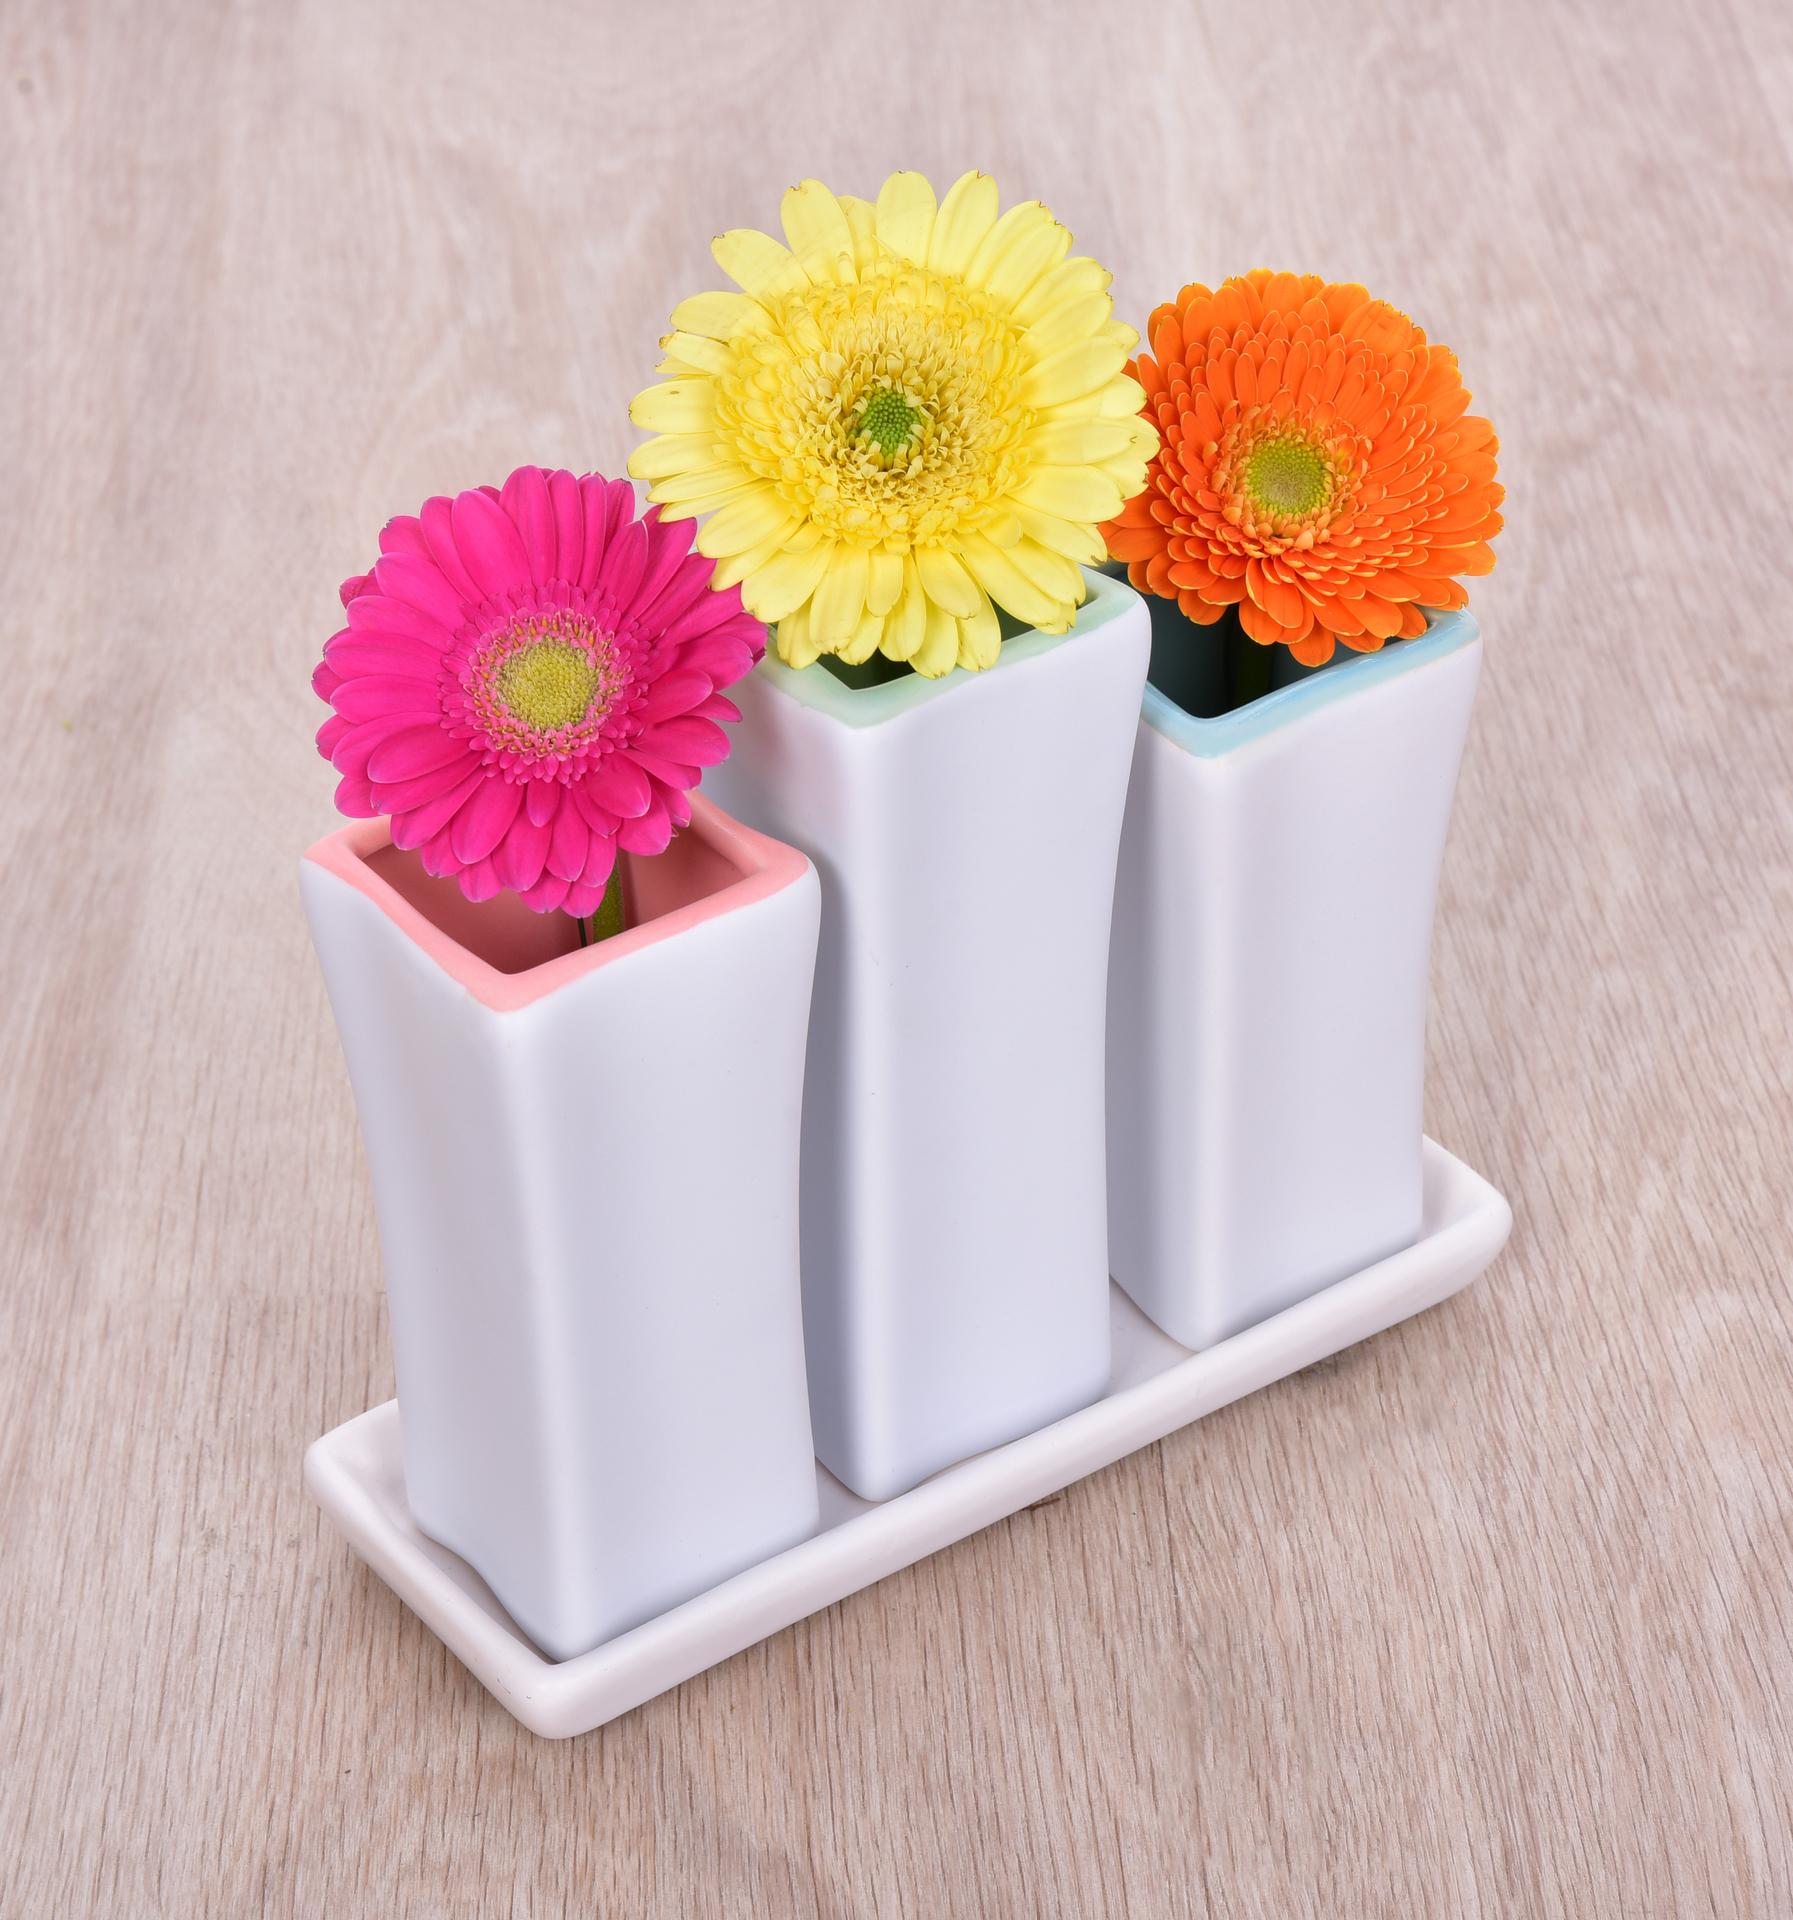 3 ks keramická váza, na keram. podstavci